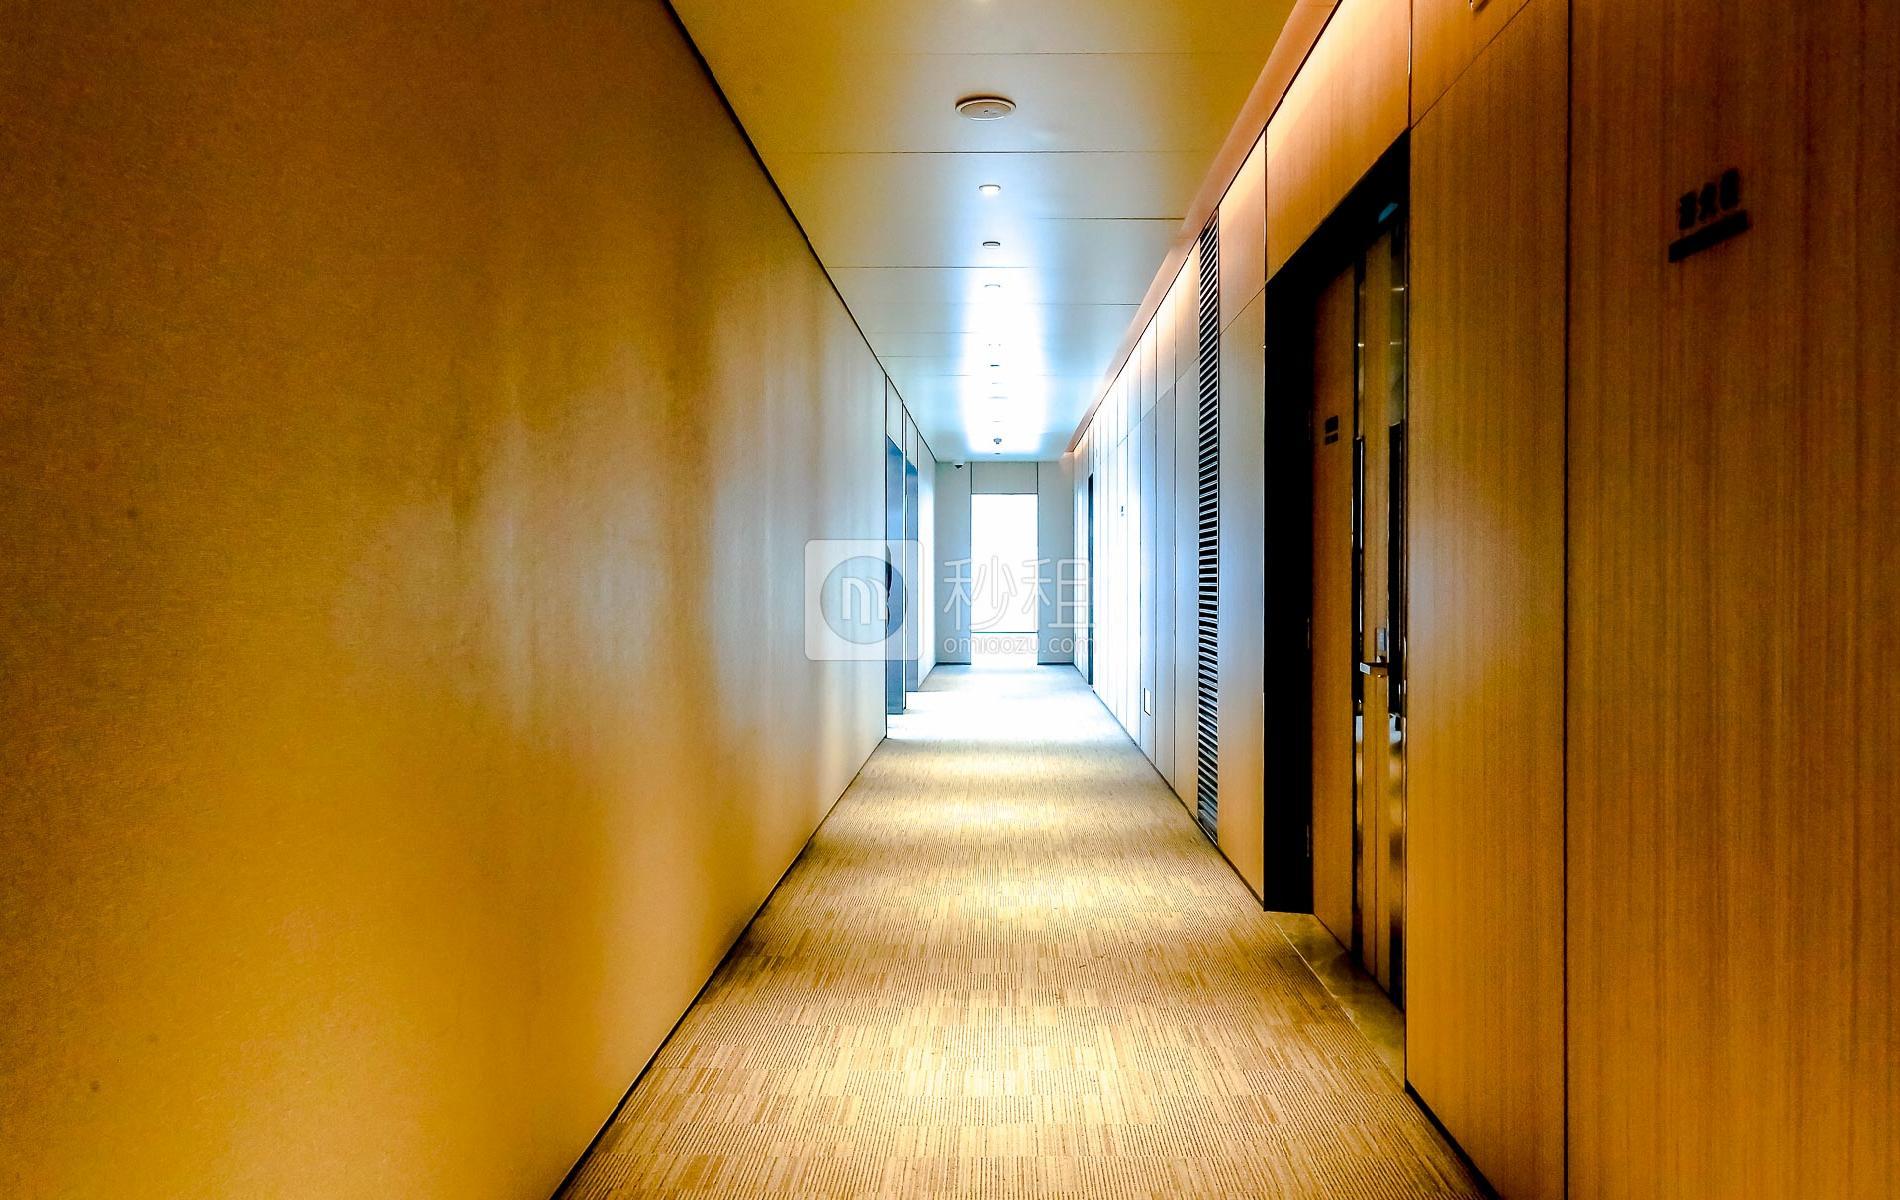 中洲大厦写字楼出租/招租/租赁,中洲大厦办公室出租/招租/租赁